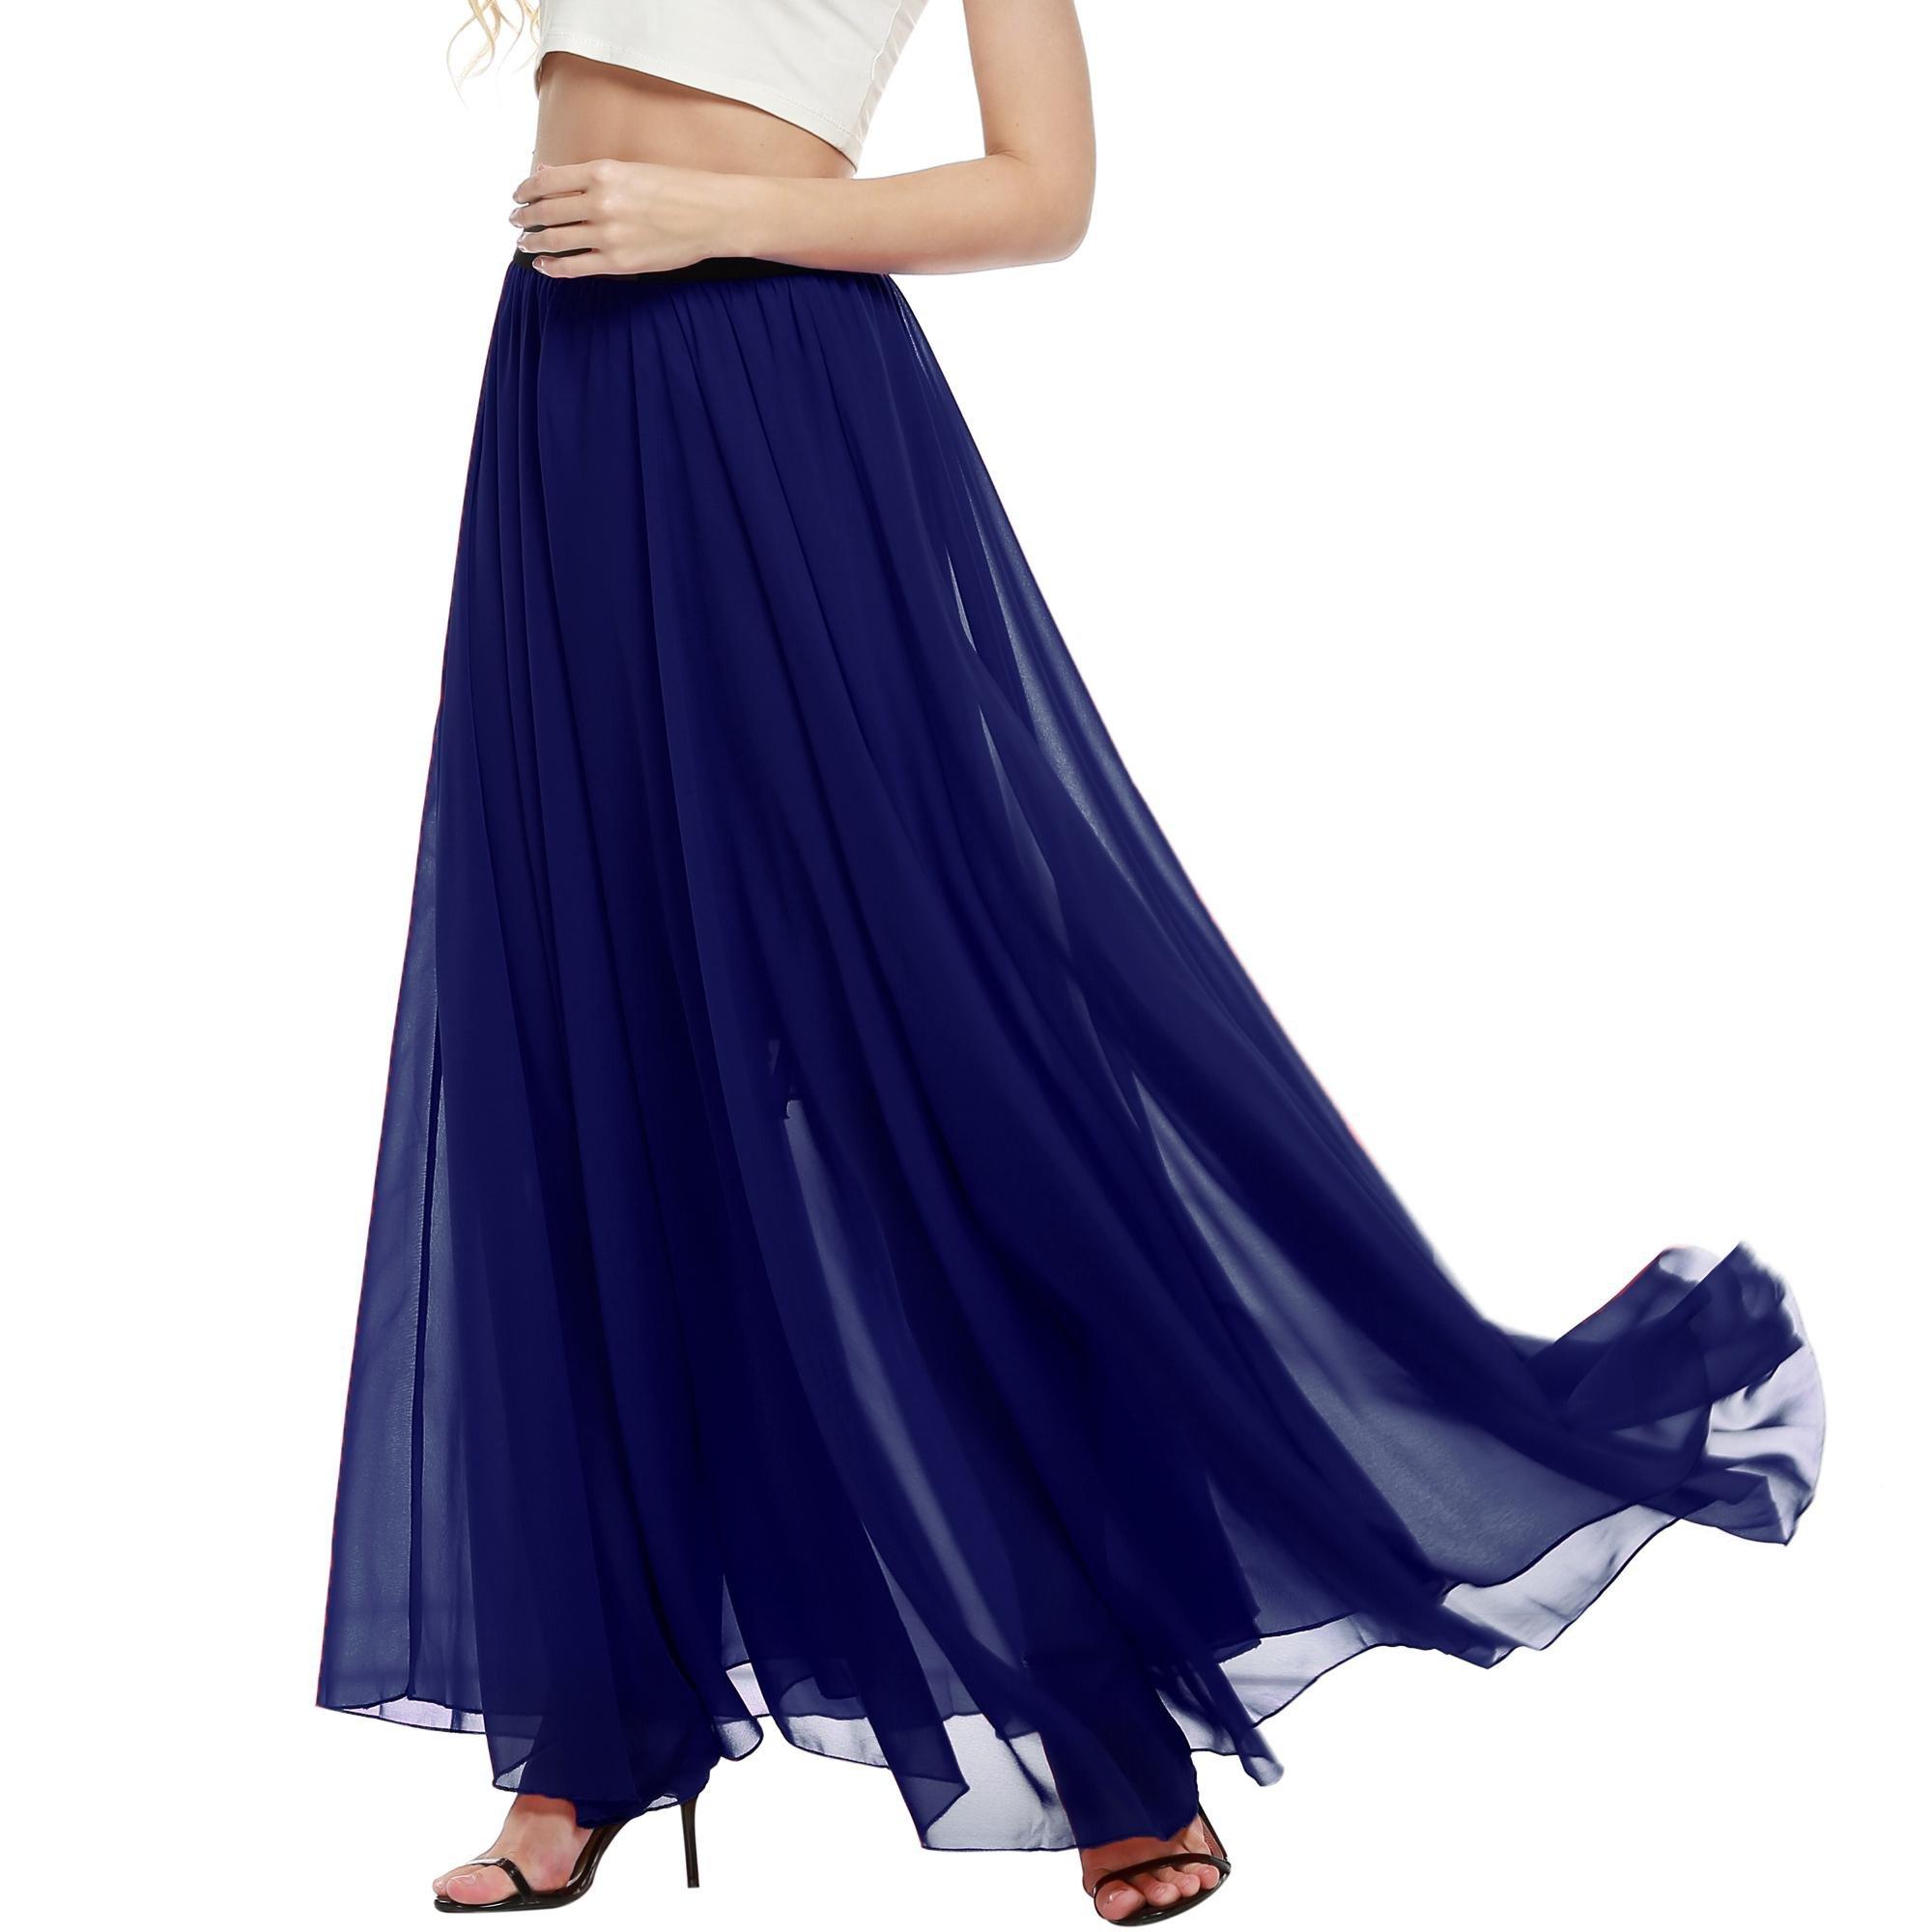 ELESOL Womens Full Length Chiffon Solid Maxi Wear to Work Skirt Dark Blue/XL